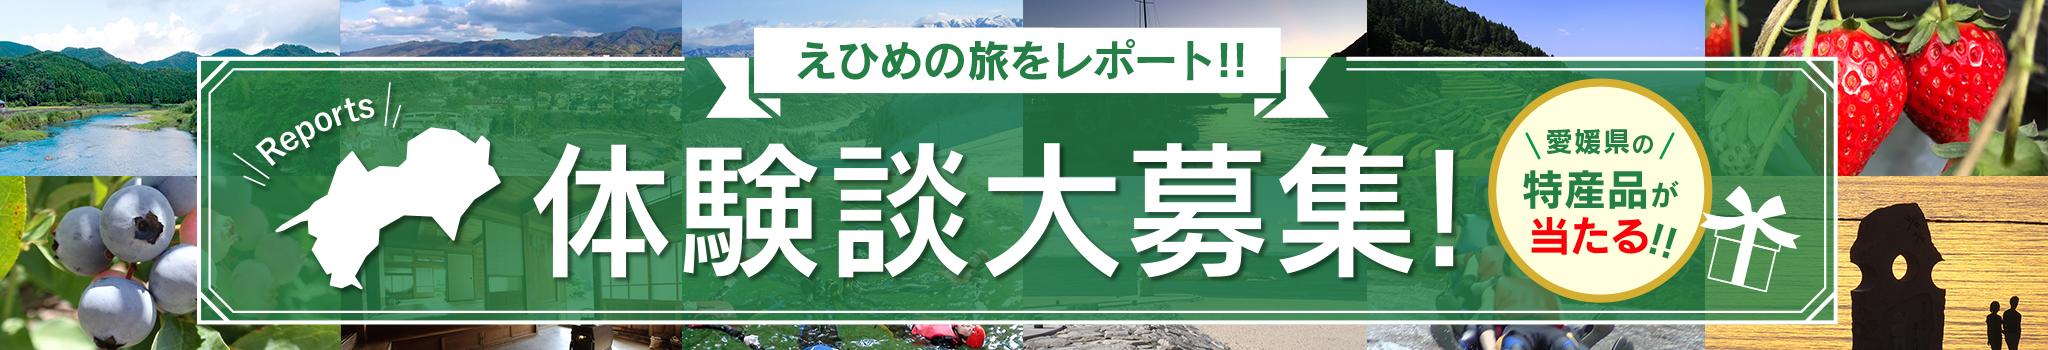 えひめグリーン・ツーリズム キャンペーン